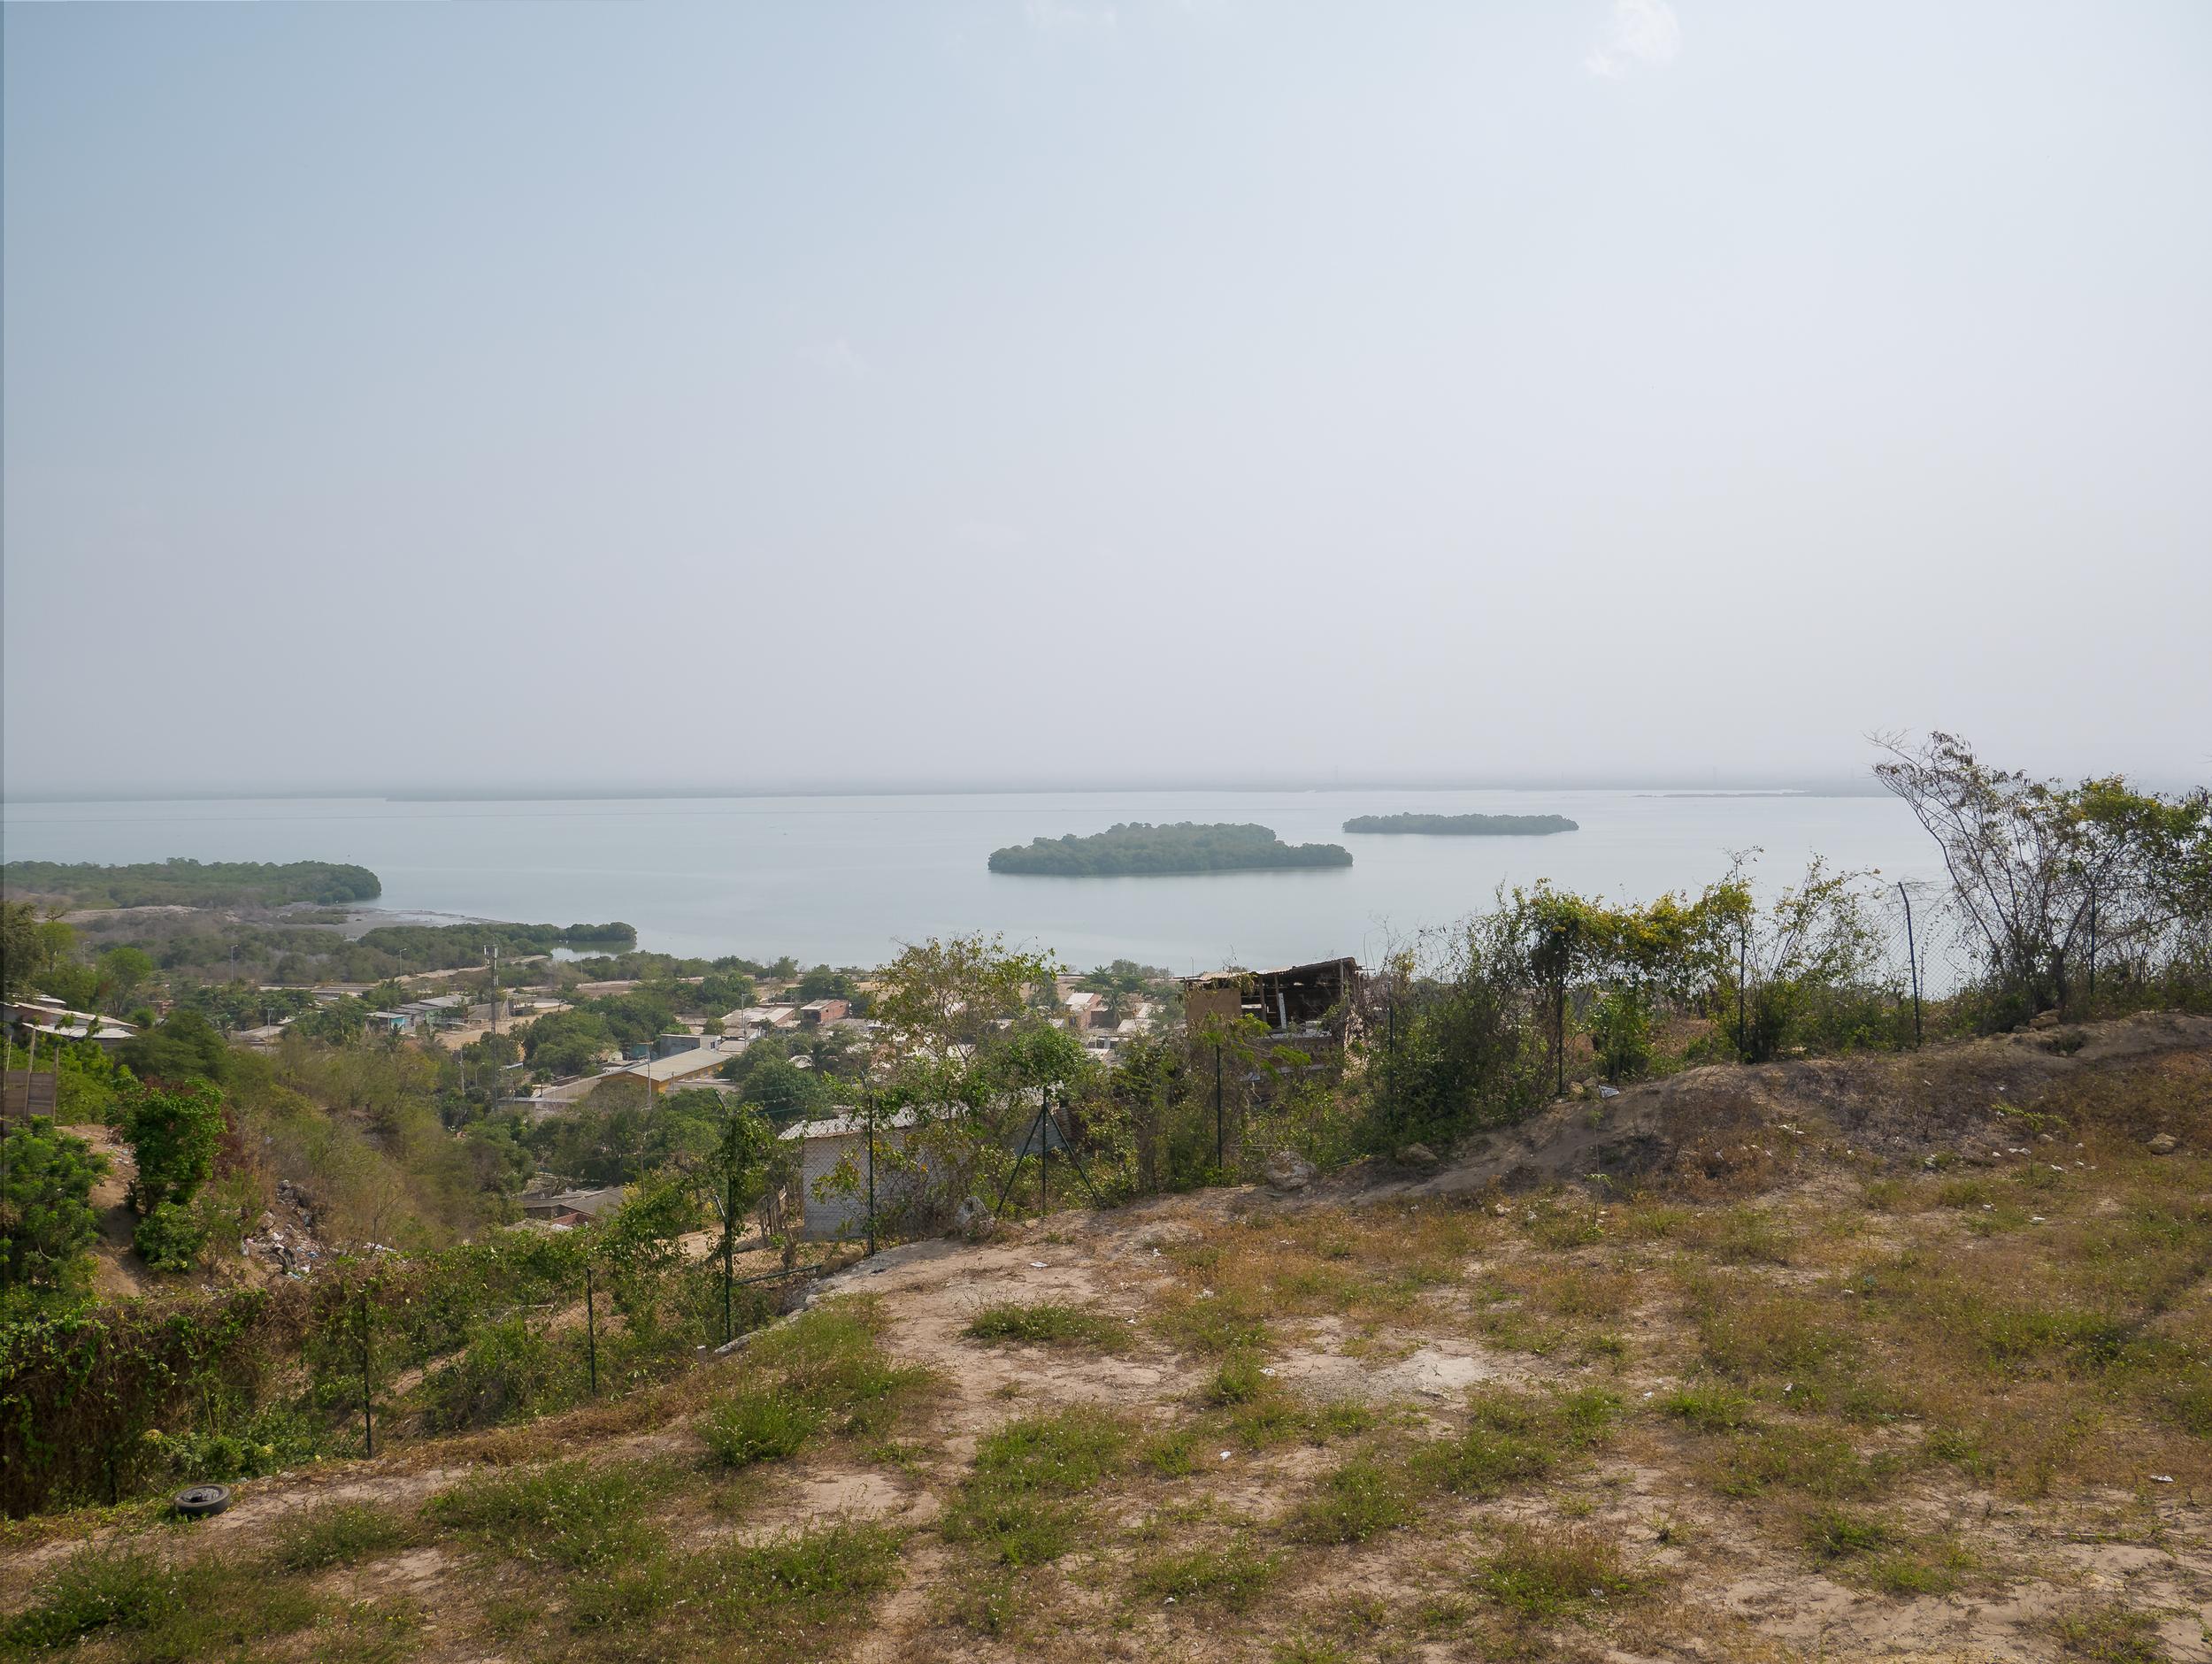 Rural Areas of Cartagena